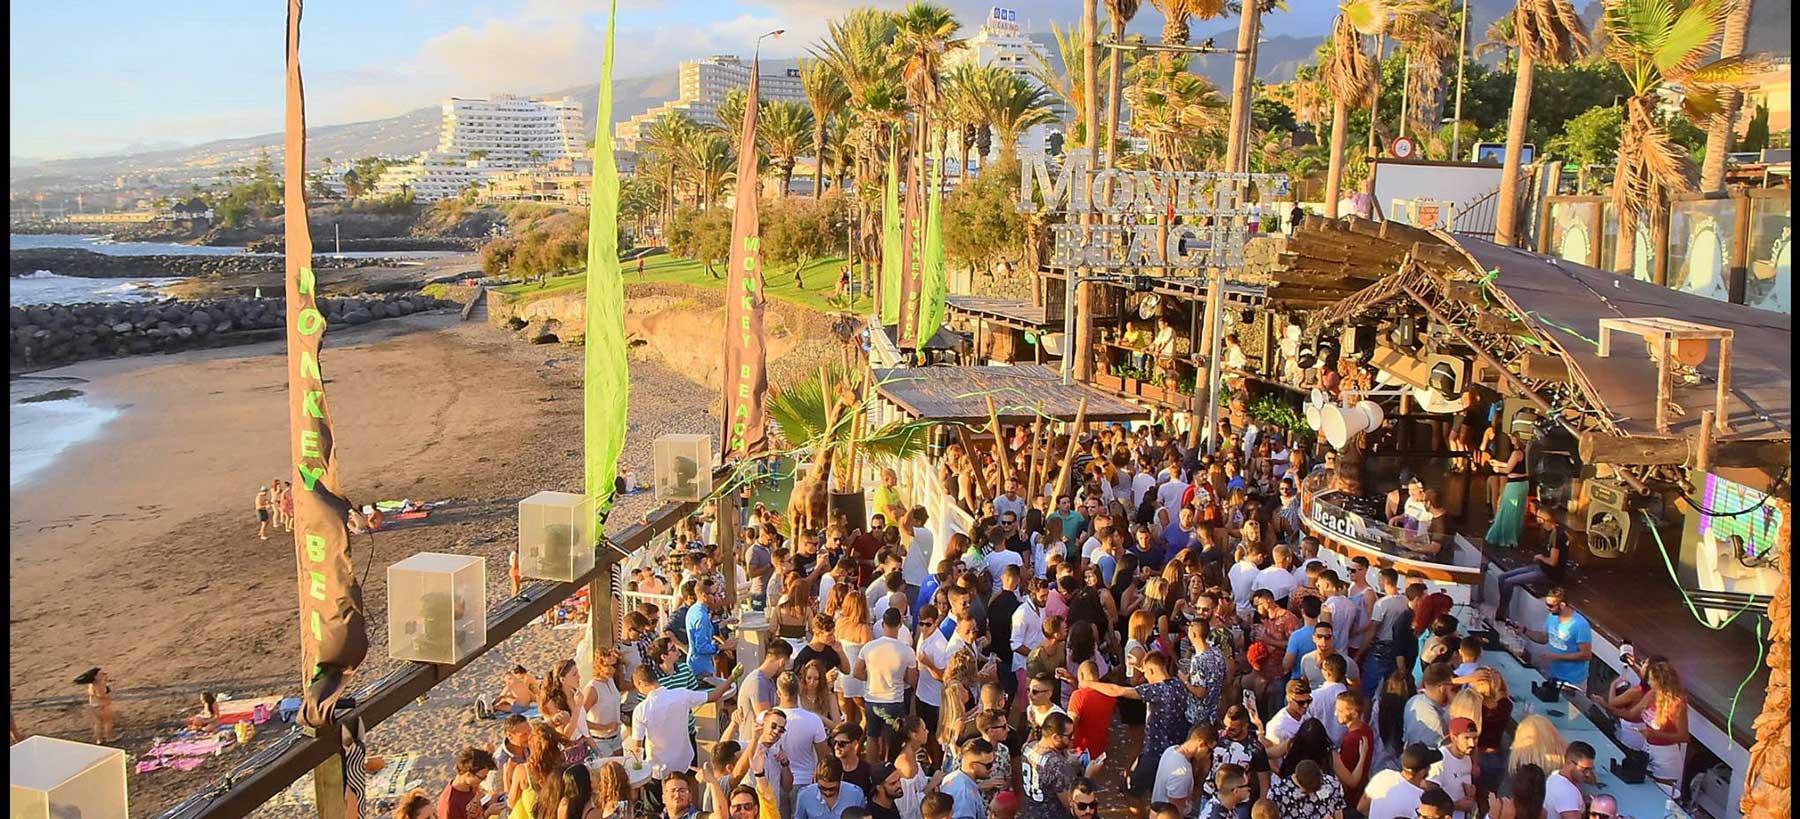 Tenerife In Spain Club Gay